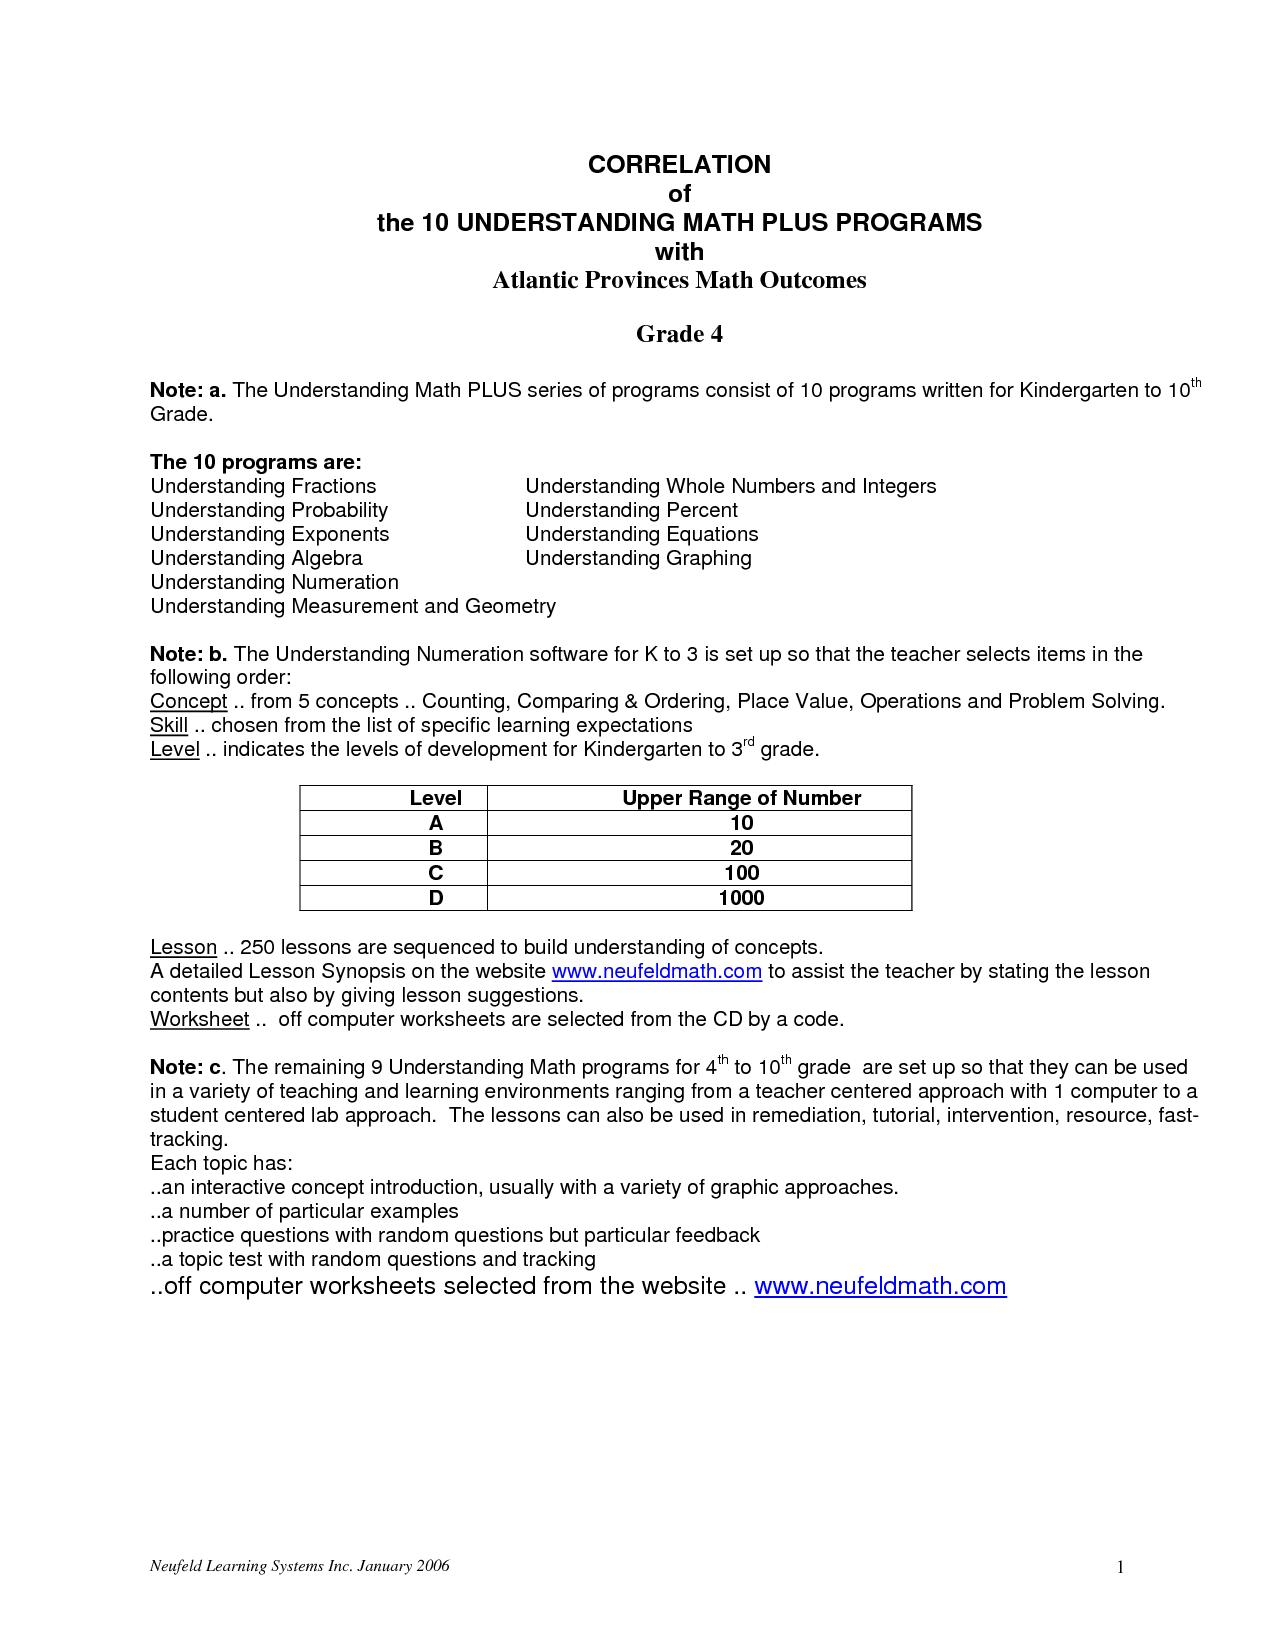 13 Best Images Of Computer Worksheet Grade 2